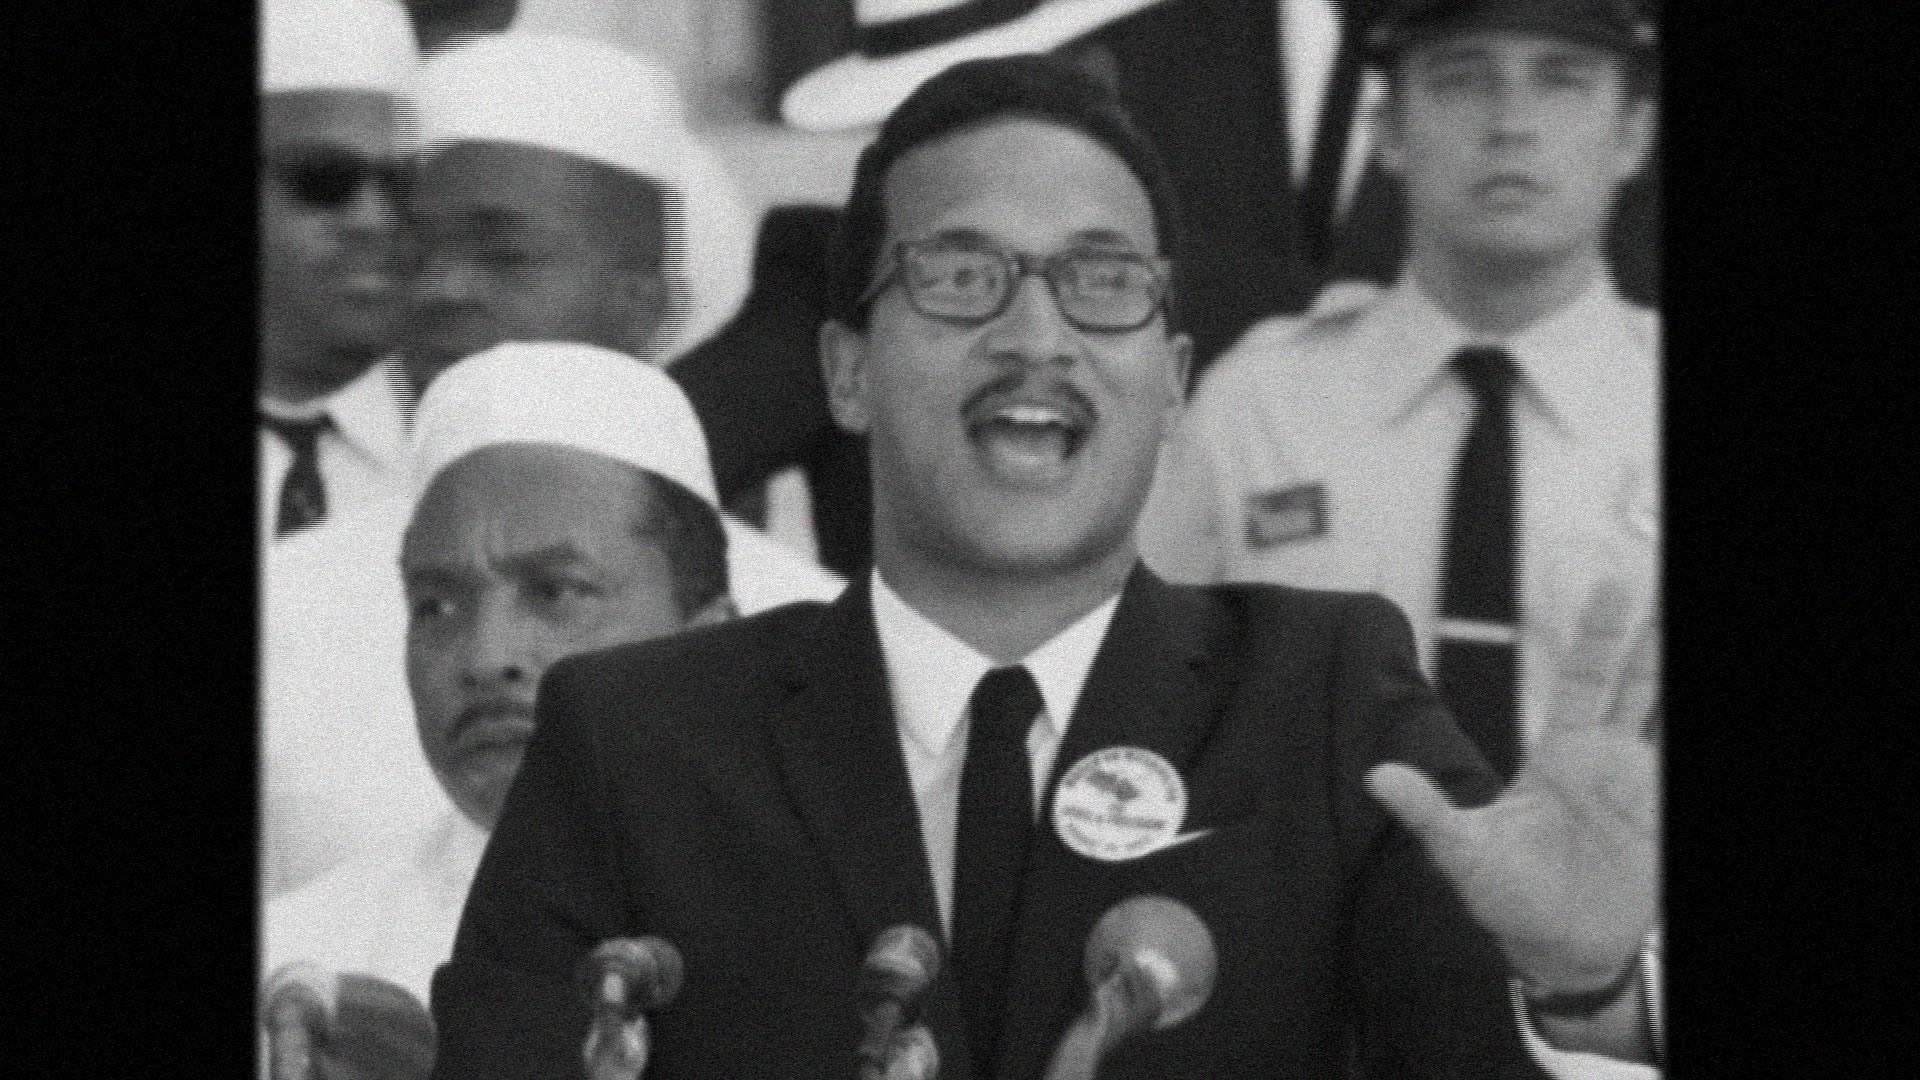 Speaking After MLK Jr.